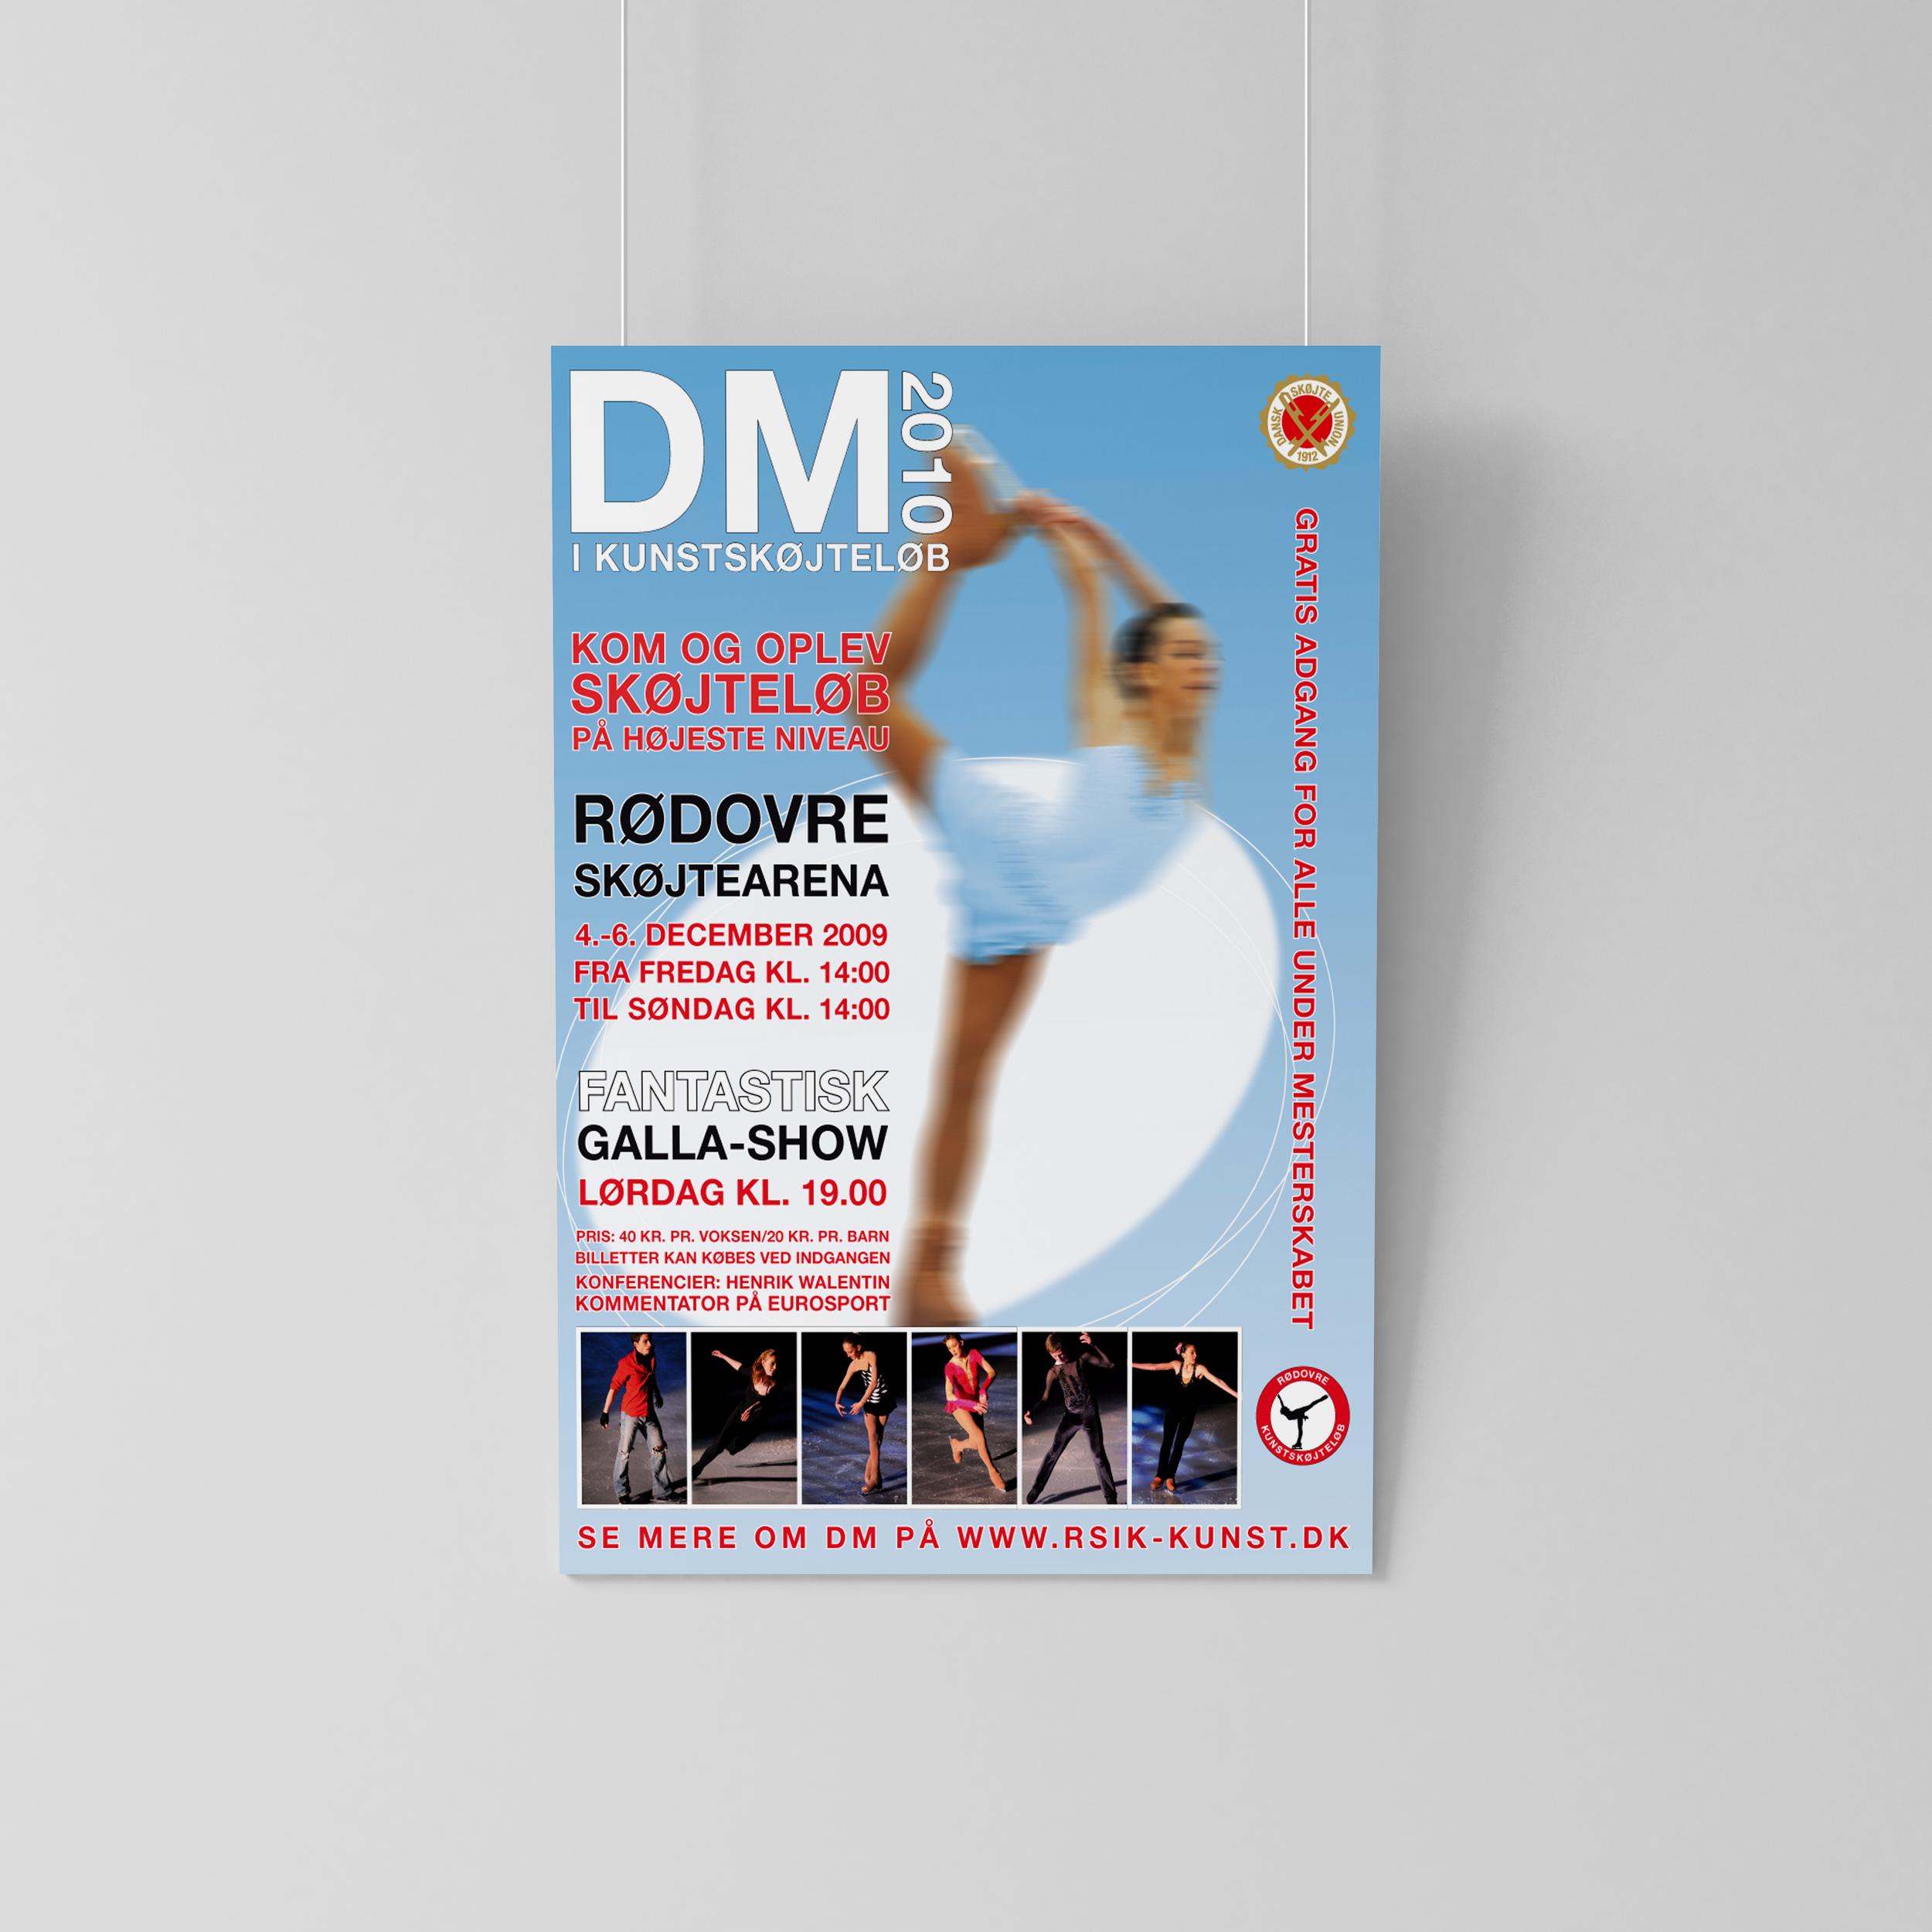 Plakat til DM i kunstskøjteløb